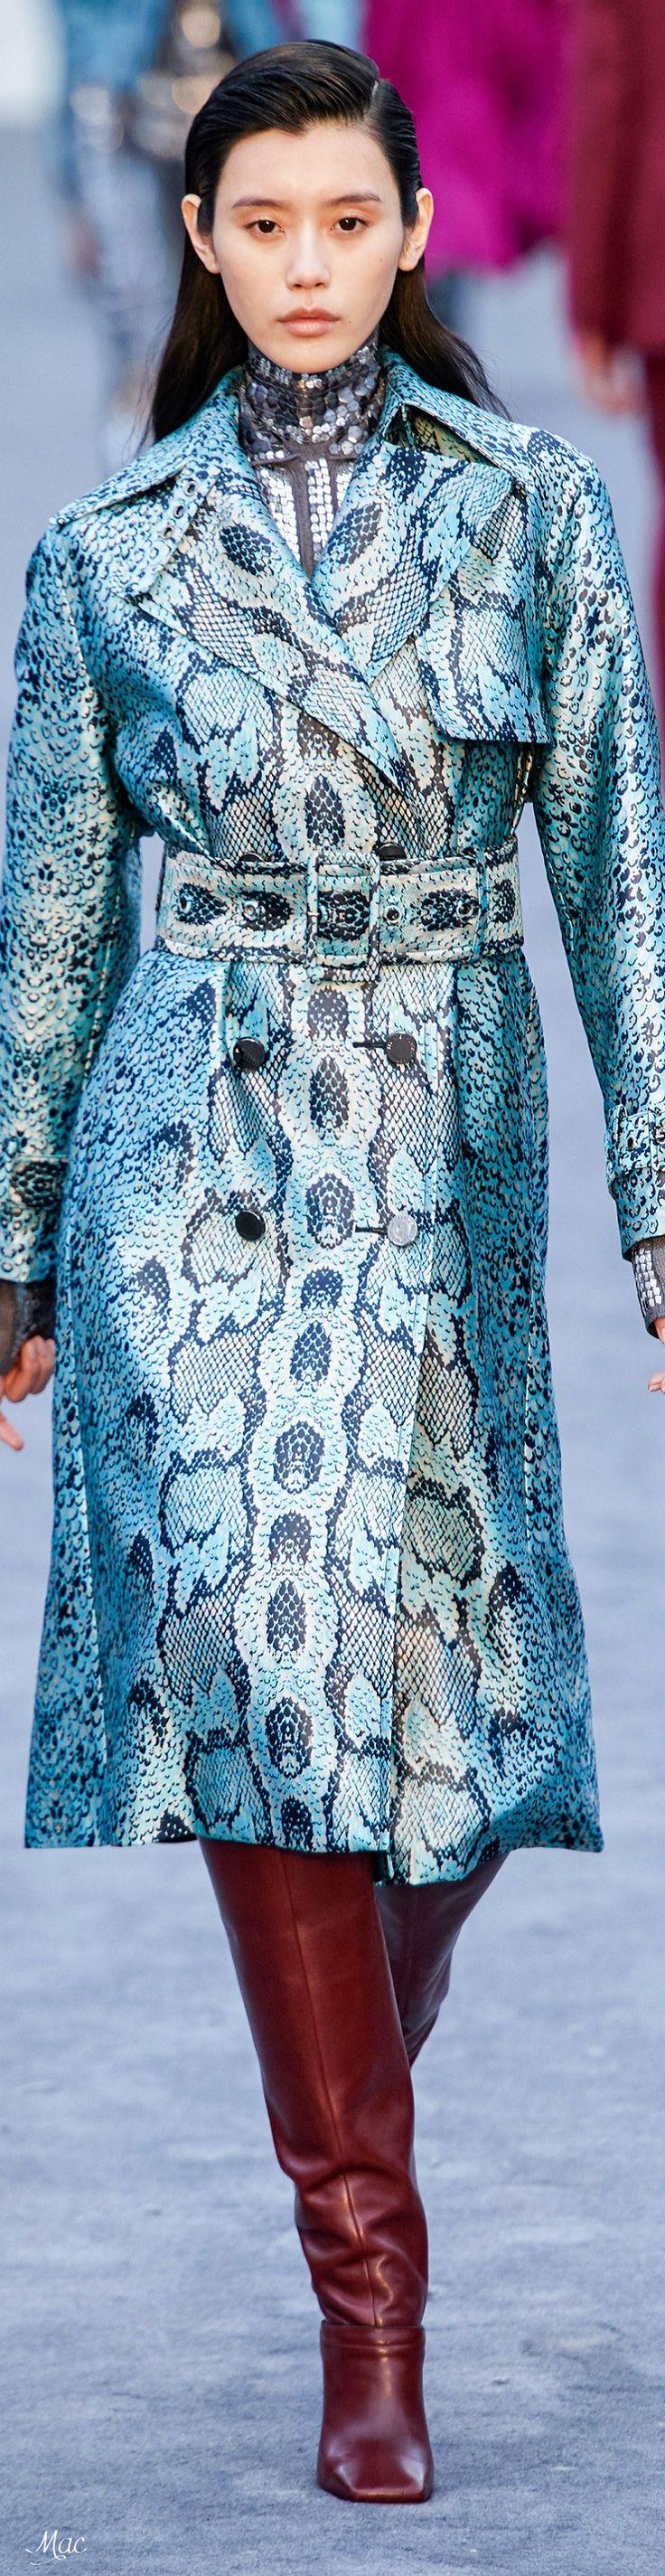 a579fa21f150e91402148d230d3a2ccc Roberto Cavalli Couture  : Automne 2019 RTW Roberto Cavalli